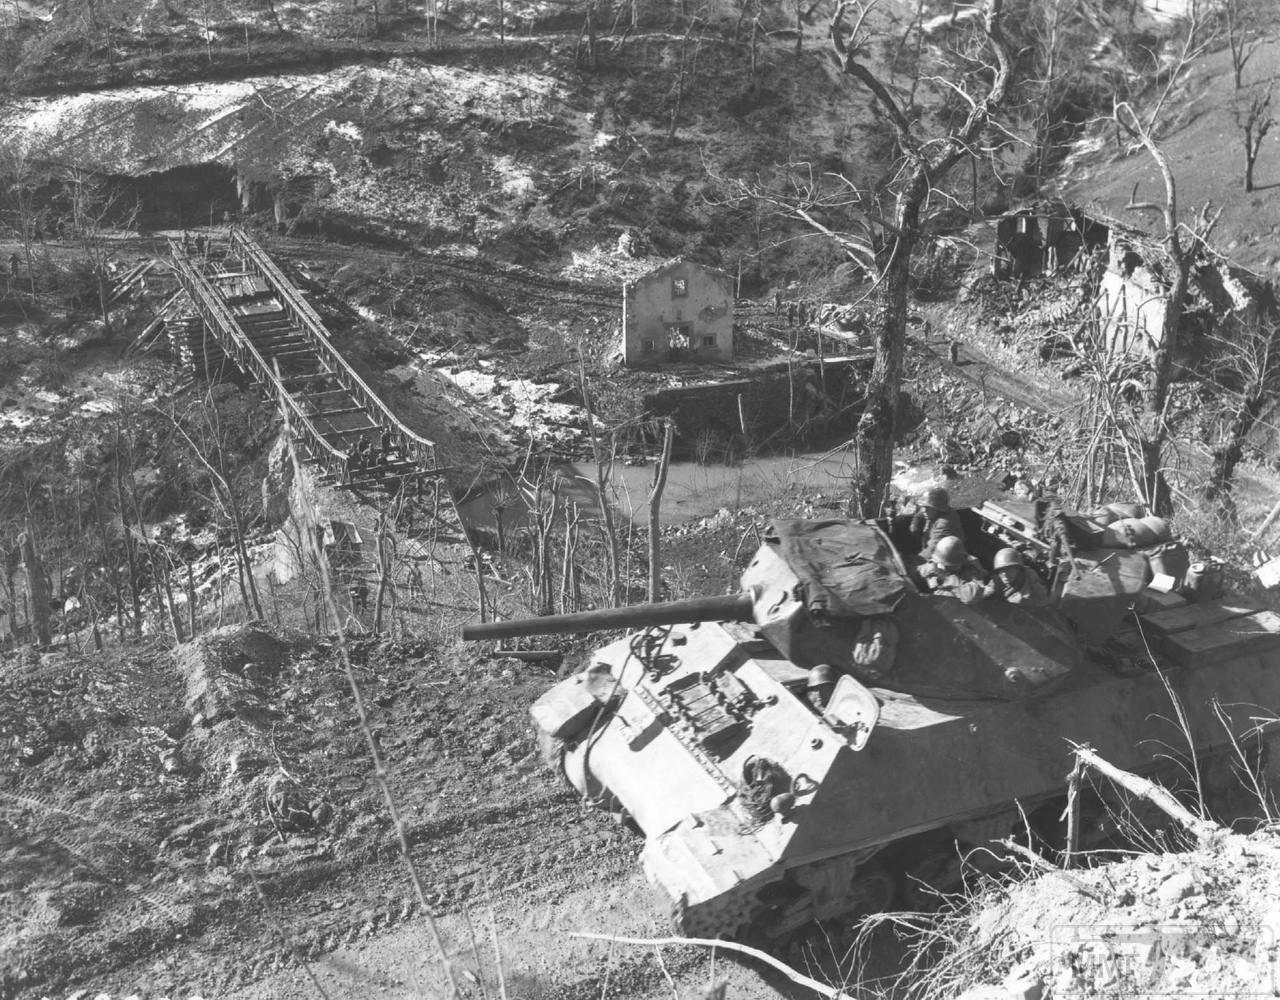 53217 - Военное фото 1939-1945 г.г. Западный фронт и Африка.